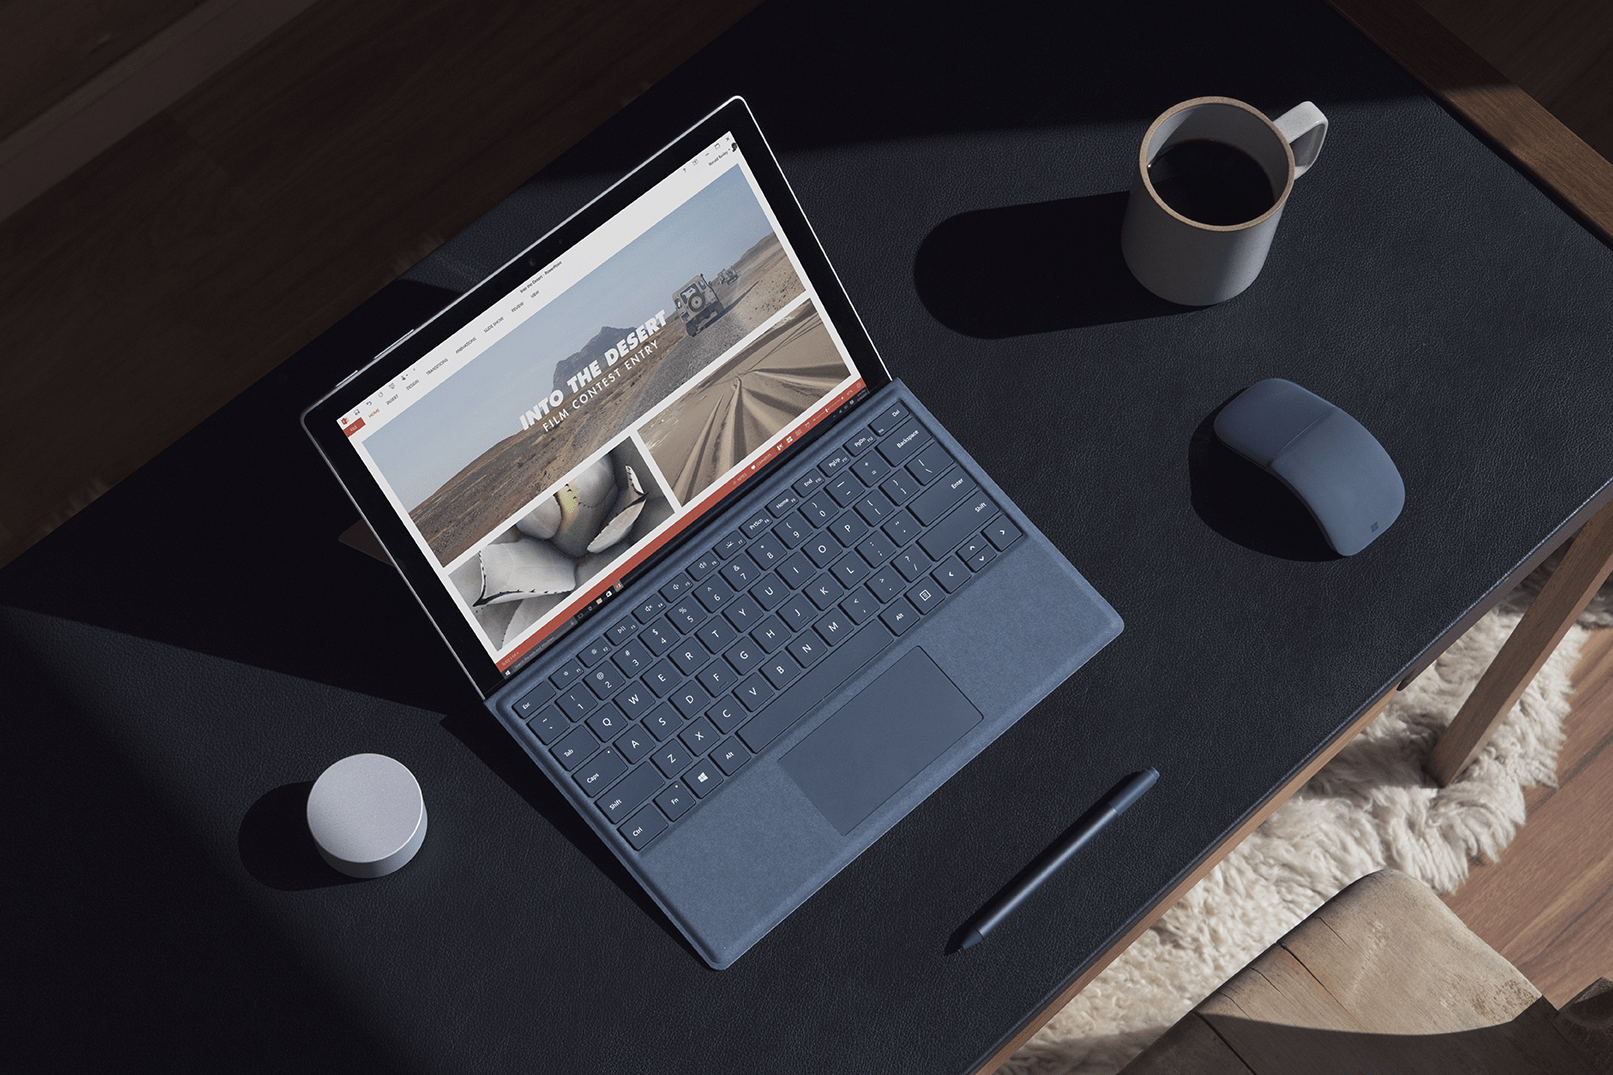 Avec l'arrivée de la prochaine mise à jour majeure de Windows 10, désormais connue sous le nom « mise à jour de mai », Microsoft revoit sa politique de mise à jour, qui gagne en flexibilité.